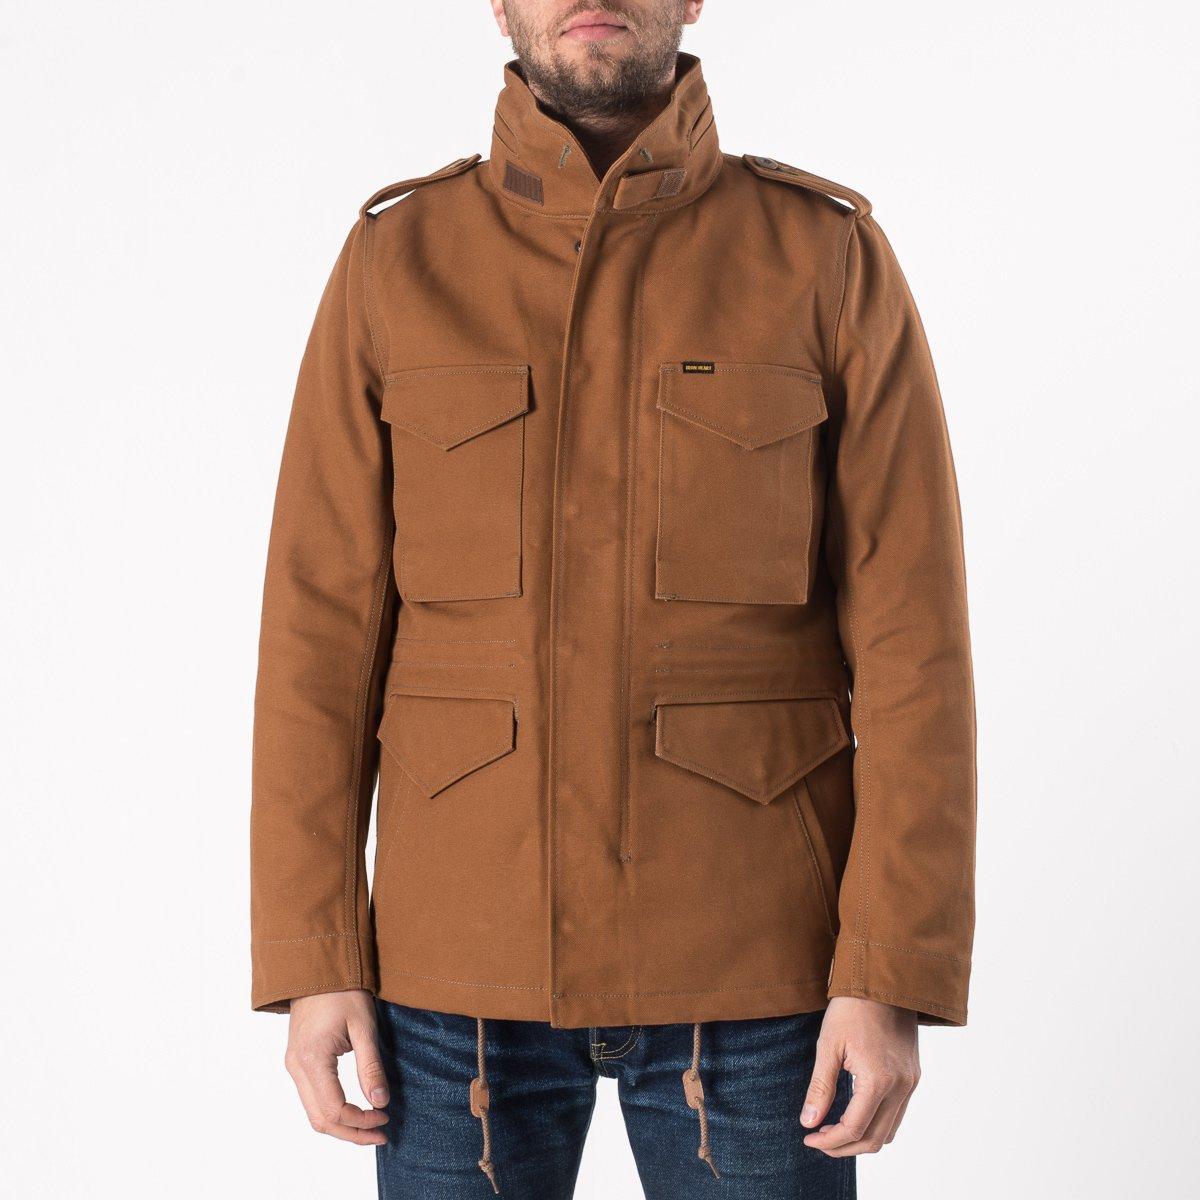 065c15c8c Cotton Duck M65 Field Jacket - Brown